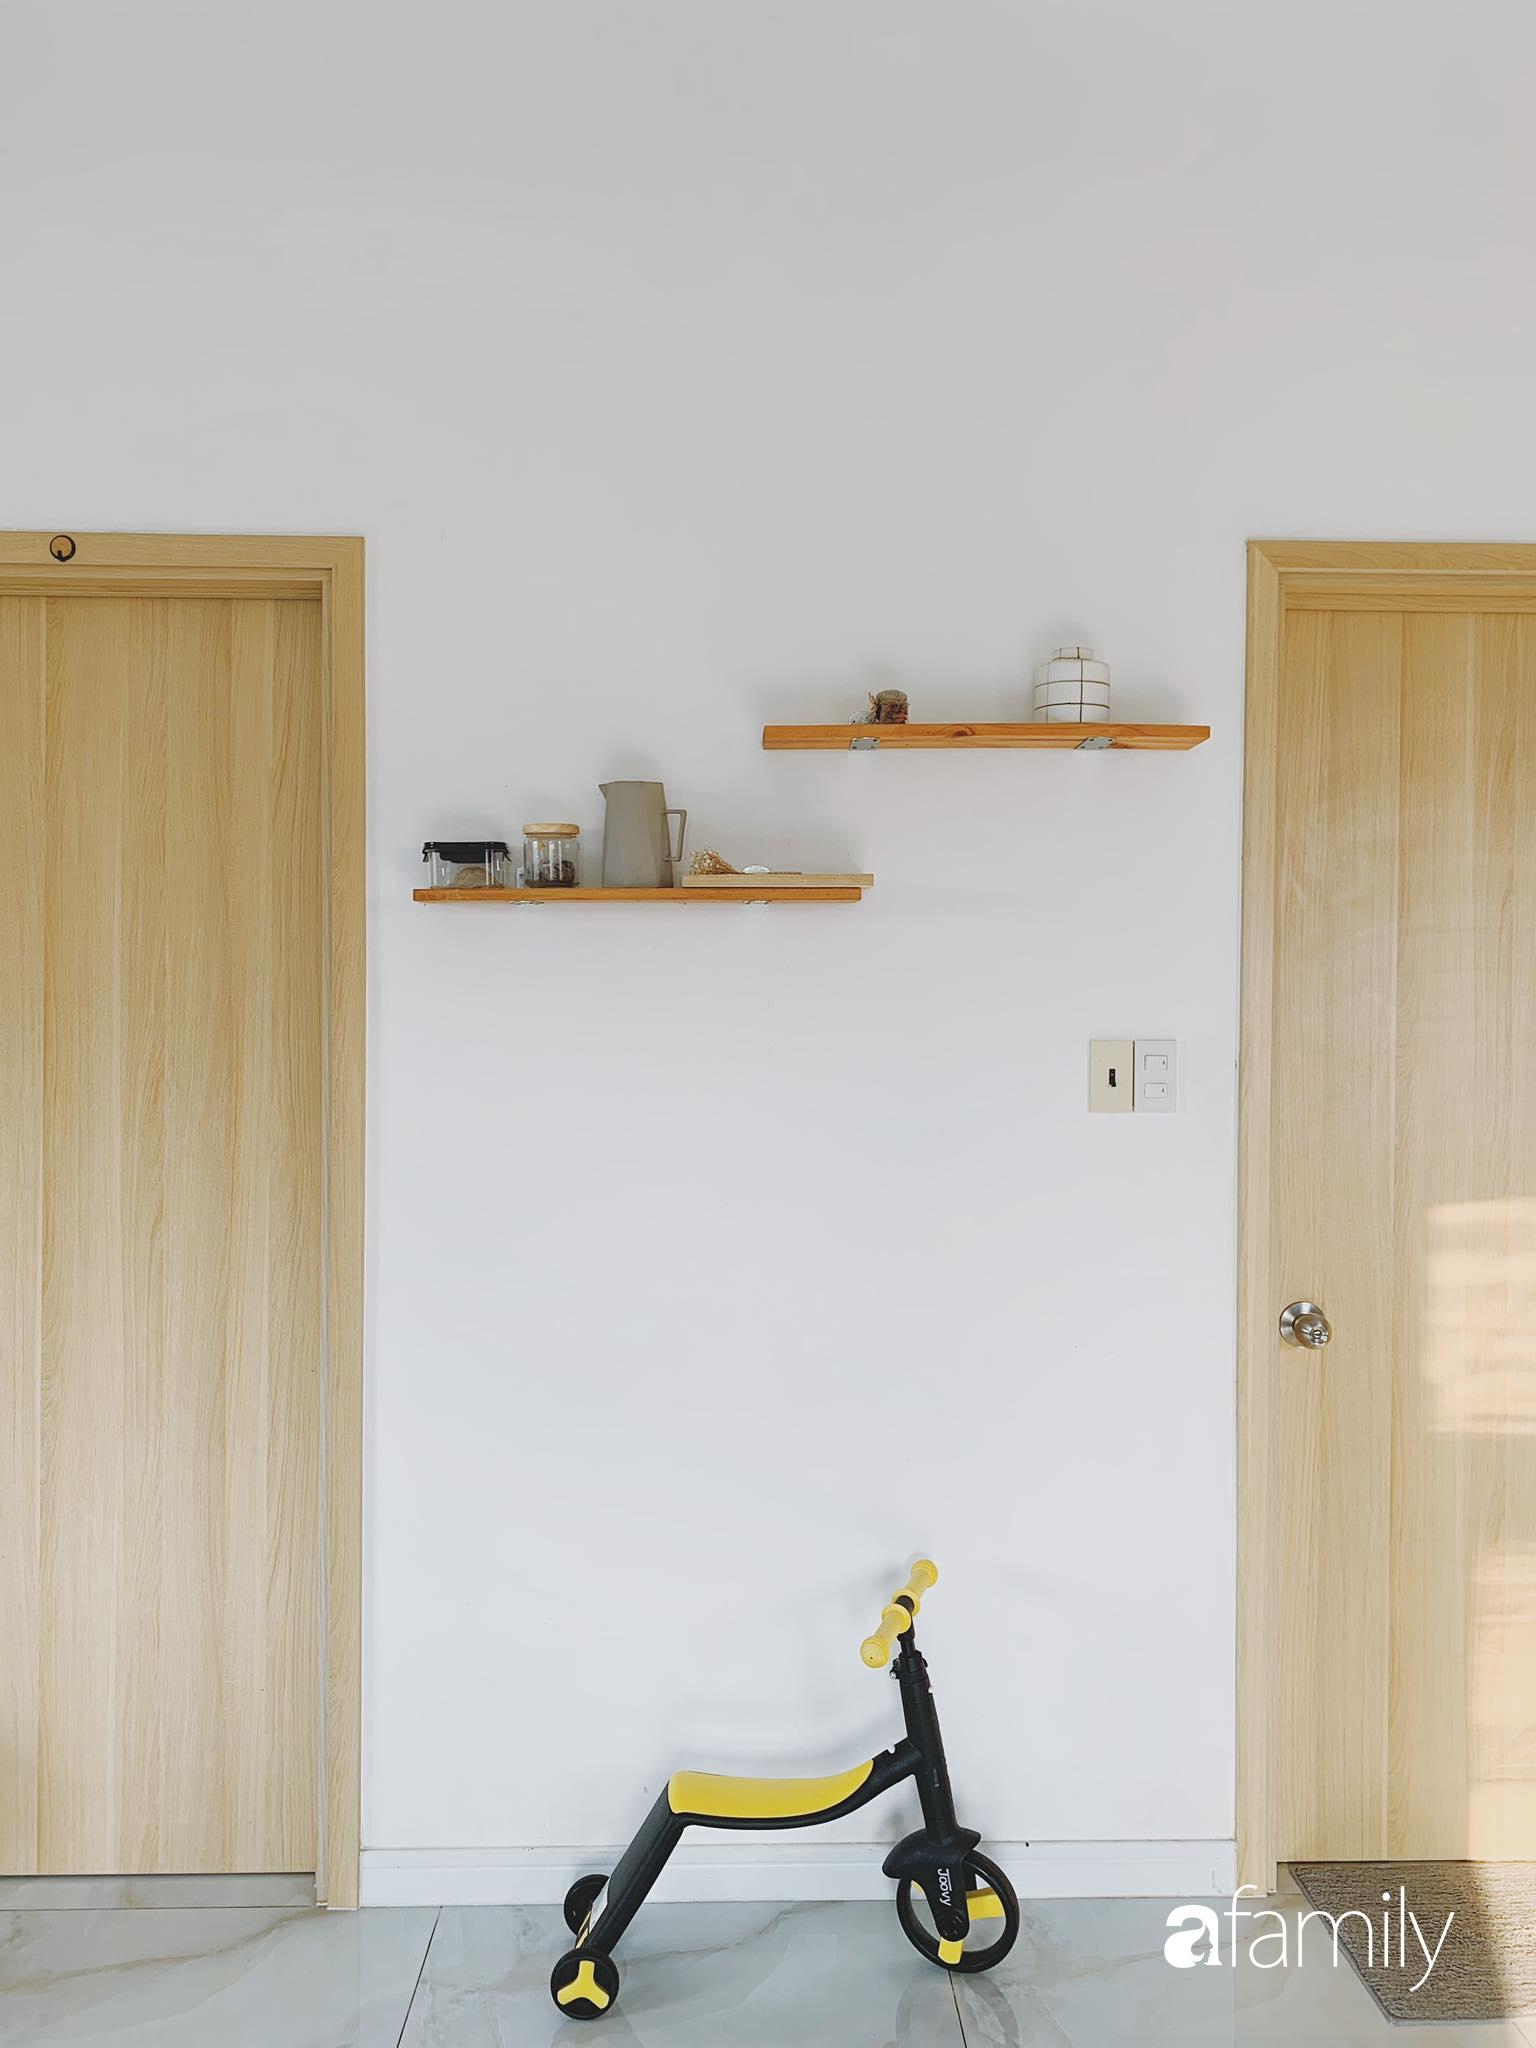 Căn hộ thuê lại được thiết kế nội thất thẩm mỹ và tối giản của cặp vợ chồng yêu thích sống tự do ở Sài Gòn - Ảnh 6.